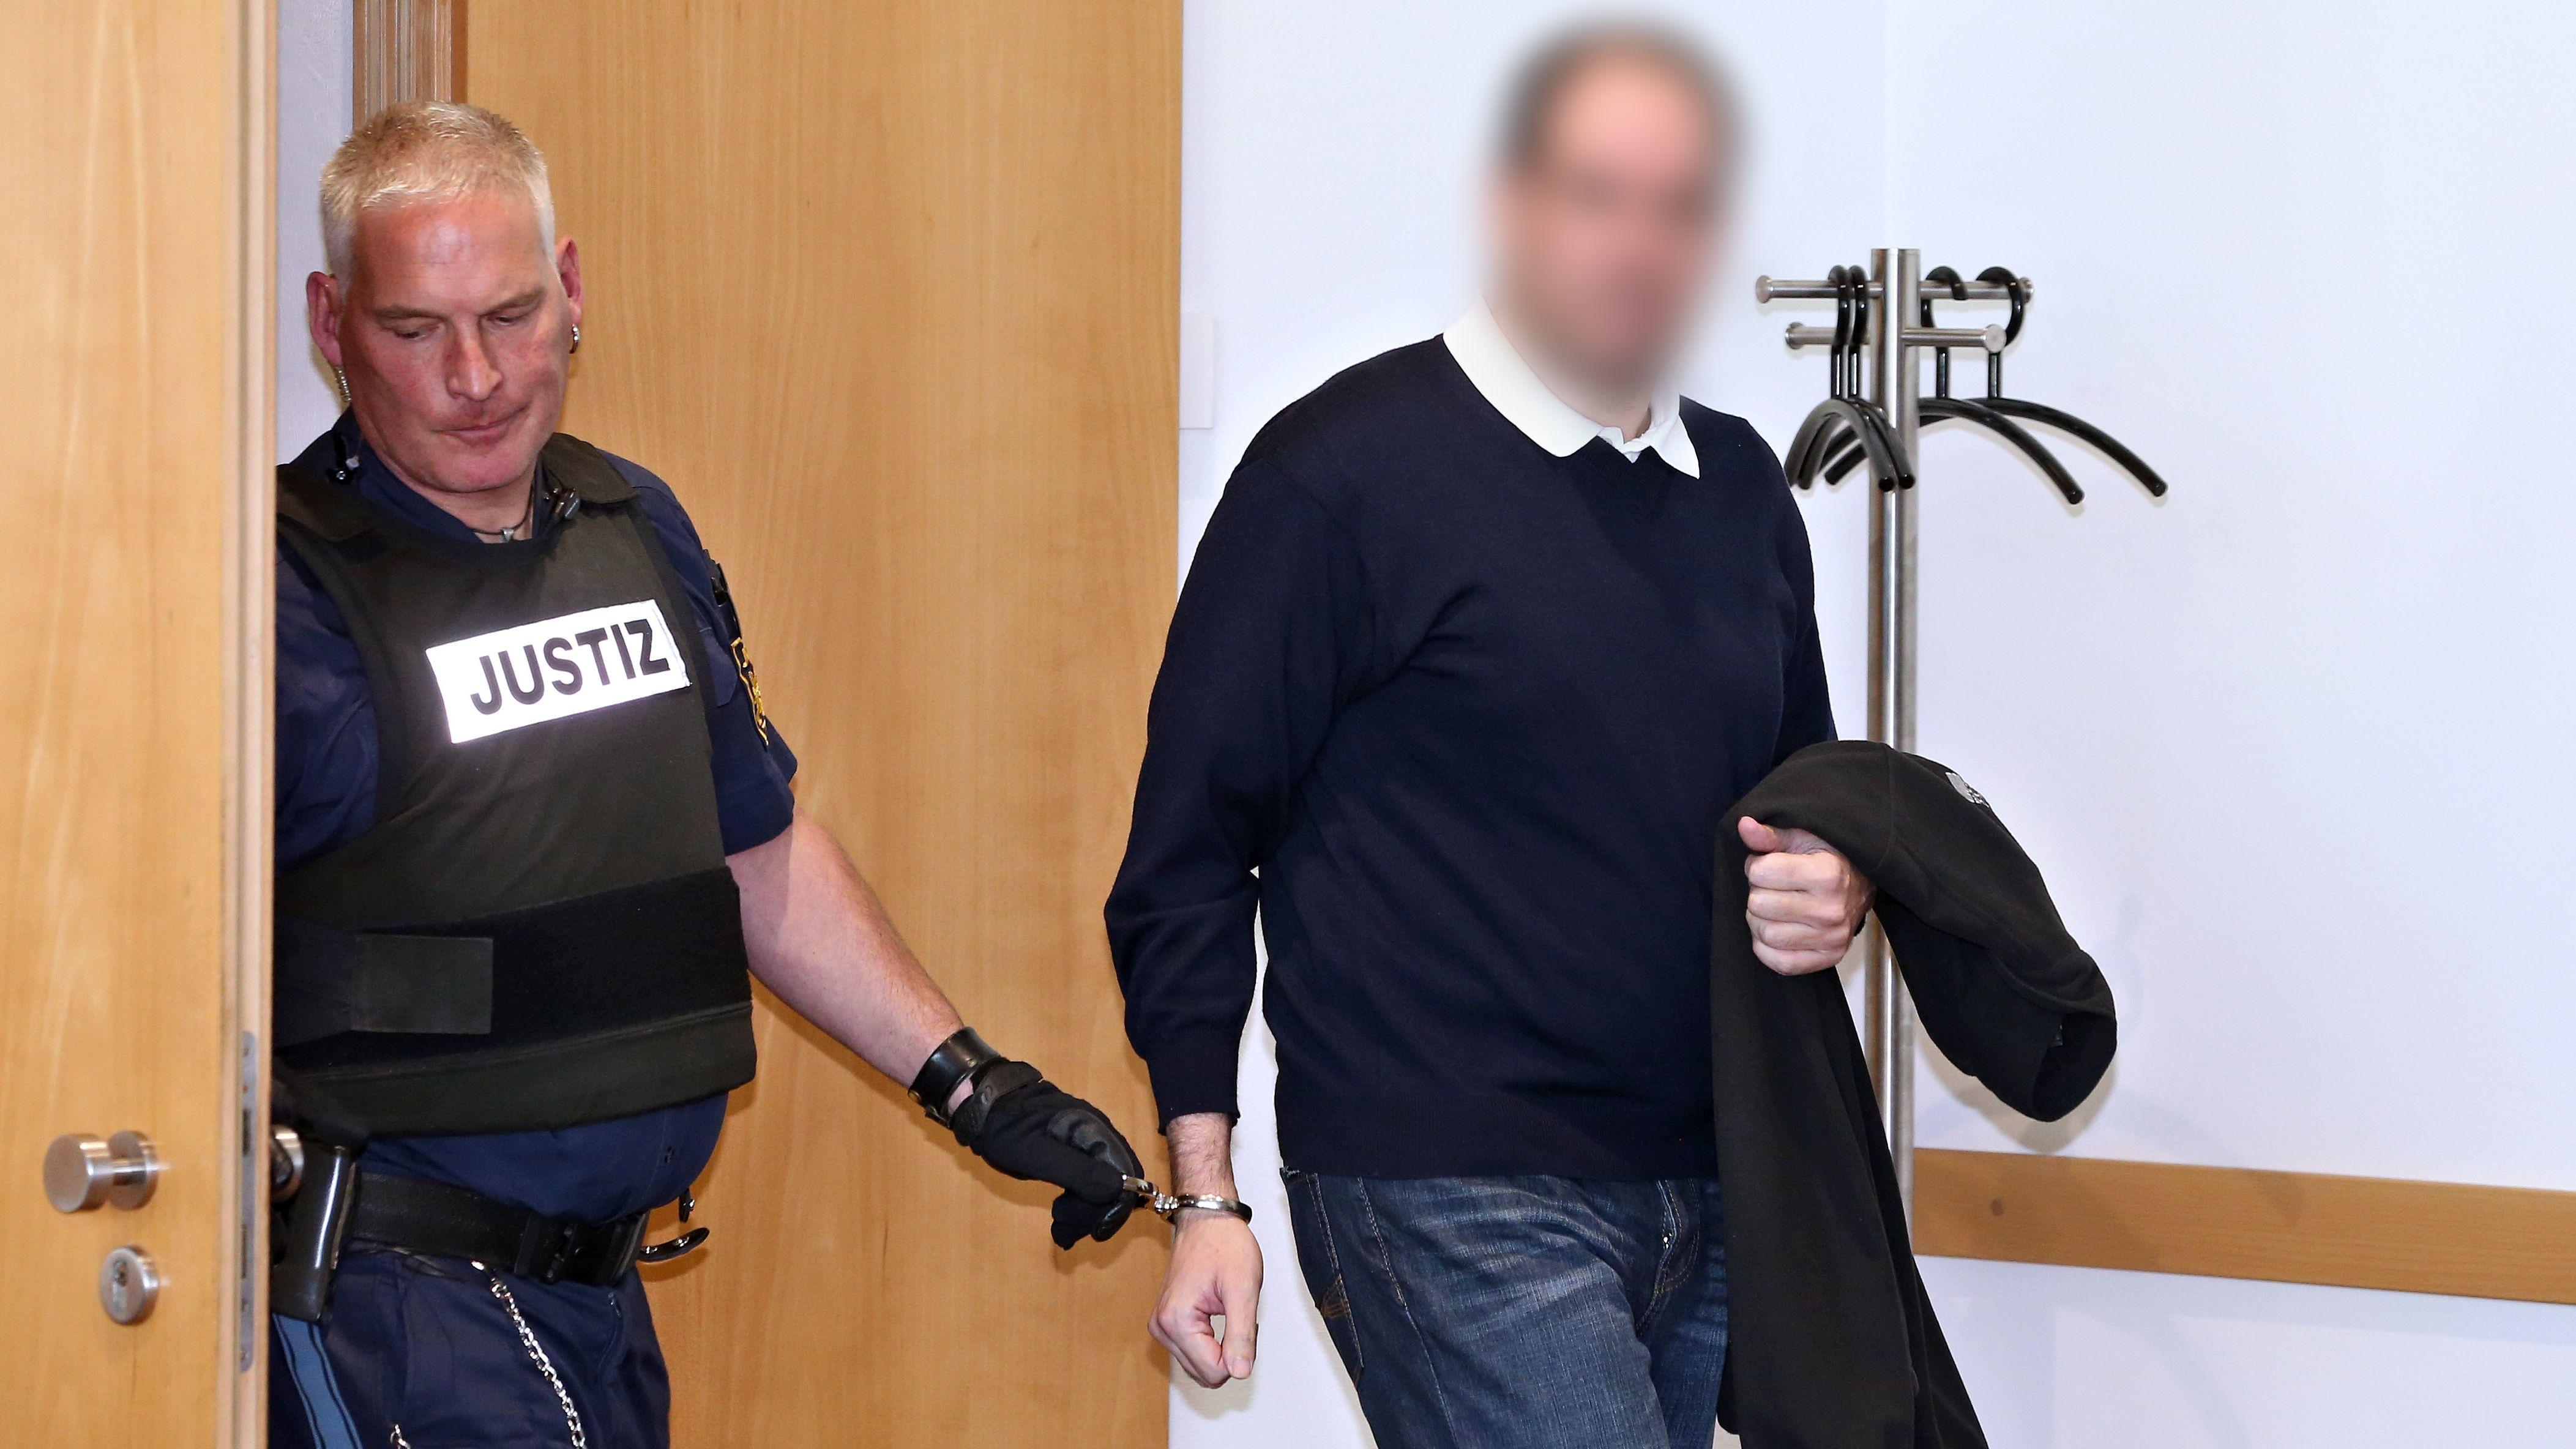 Der Kinderarzt, der wegen des Missbrauchs von rund 20 Jungen verurteilt wurde, wird in den Gerichtssaal geführt (Archivbild)